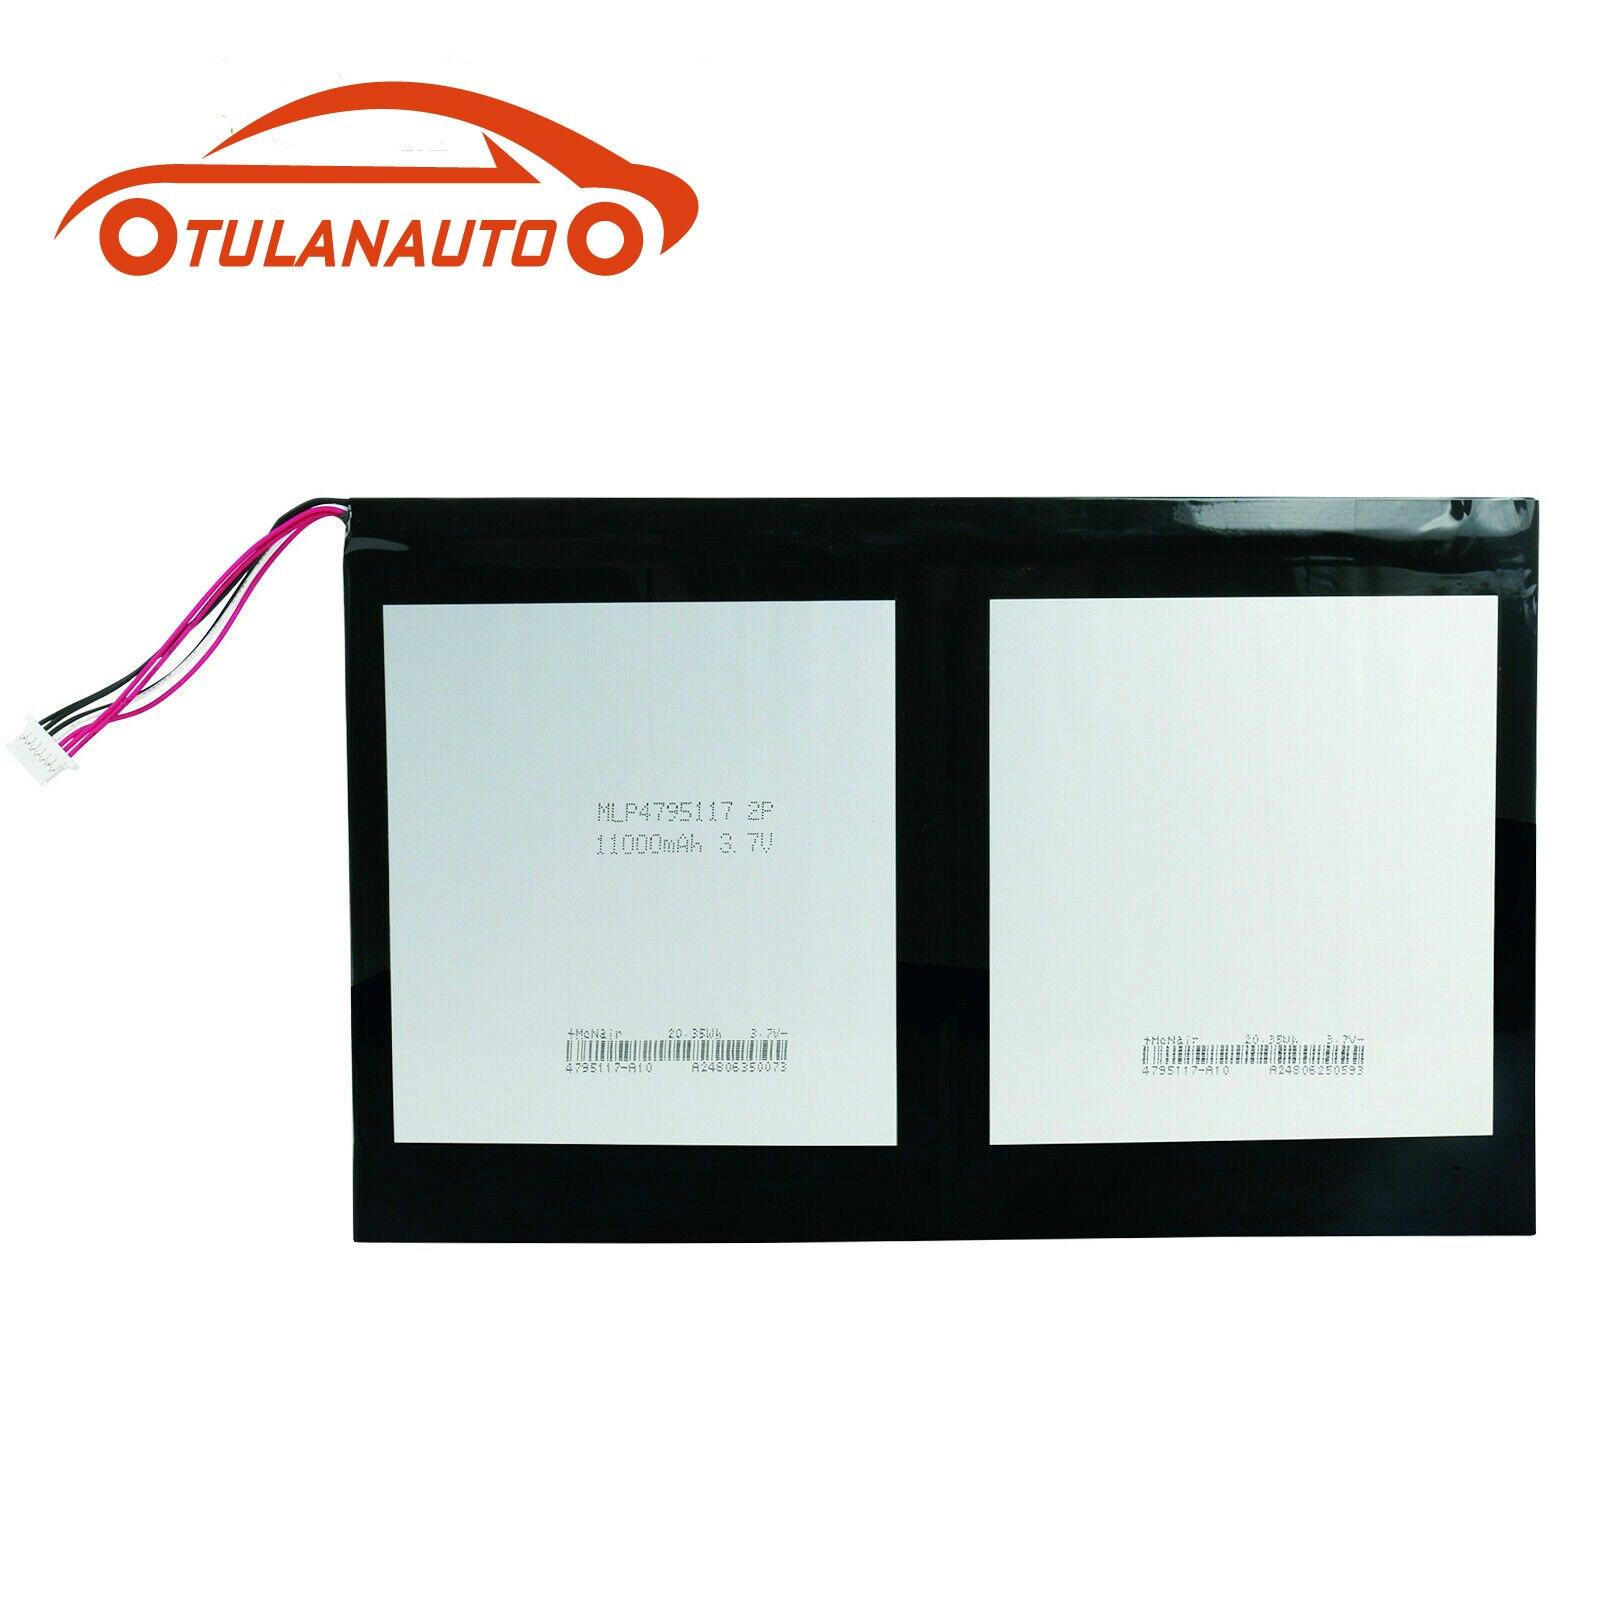 TULANAUTO pour Autel MaxiSys MS908 MS908P PRO batterie d'origine en gros